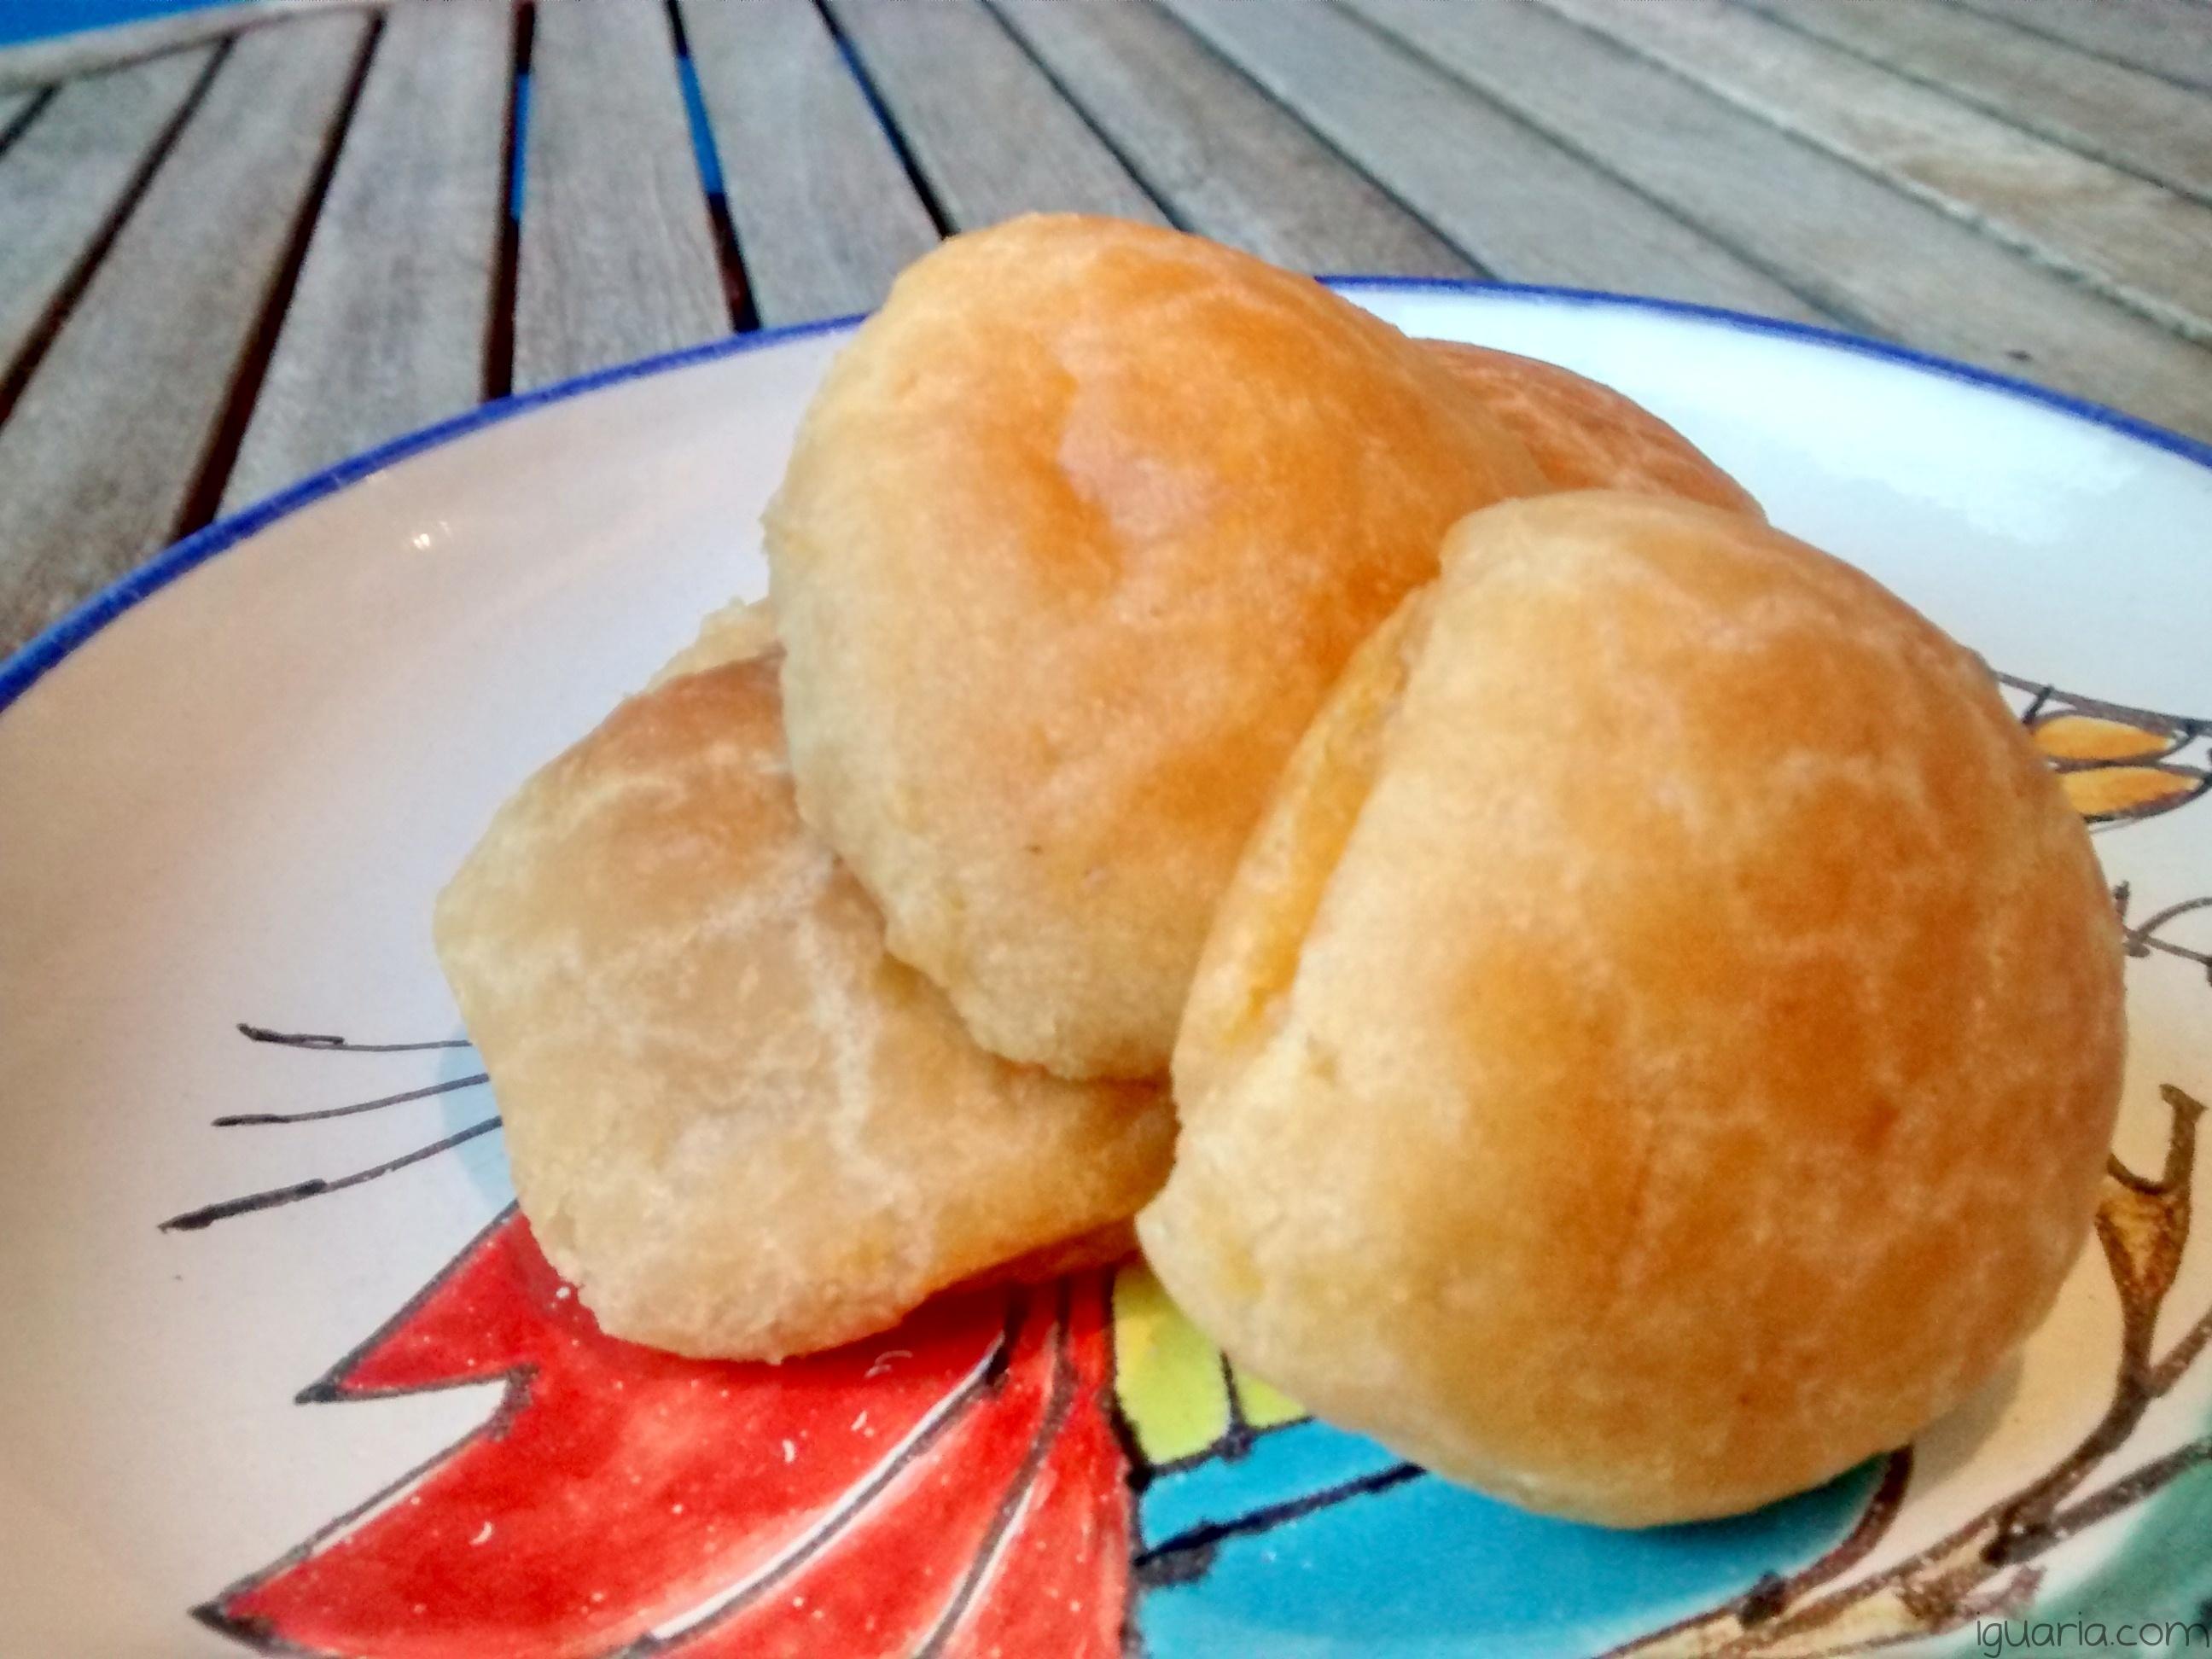 iguaria-bolinha-de-queijo-brasil